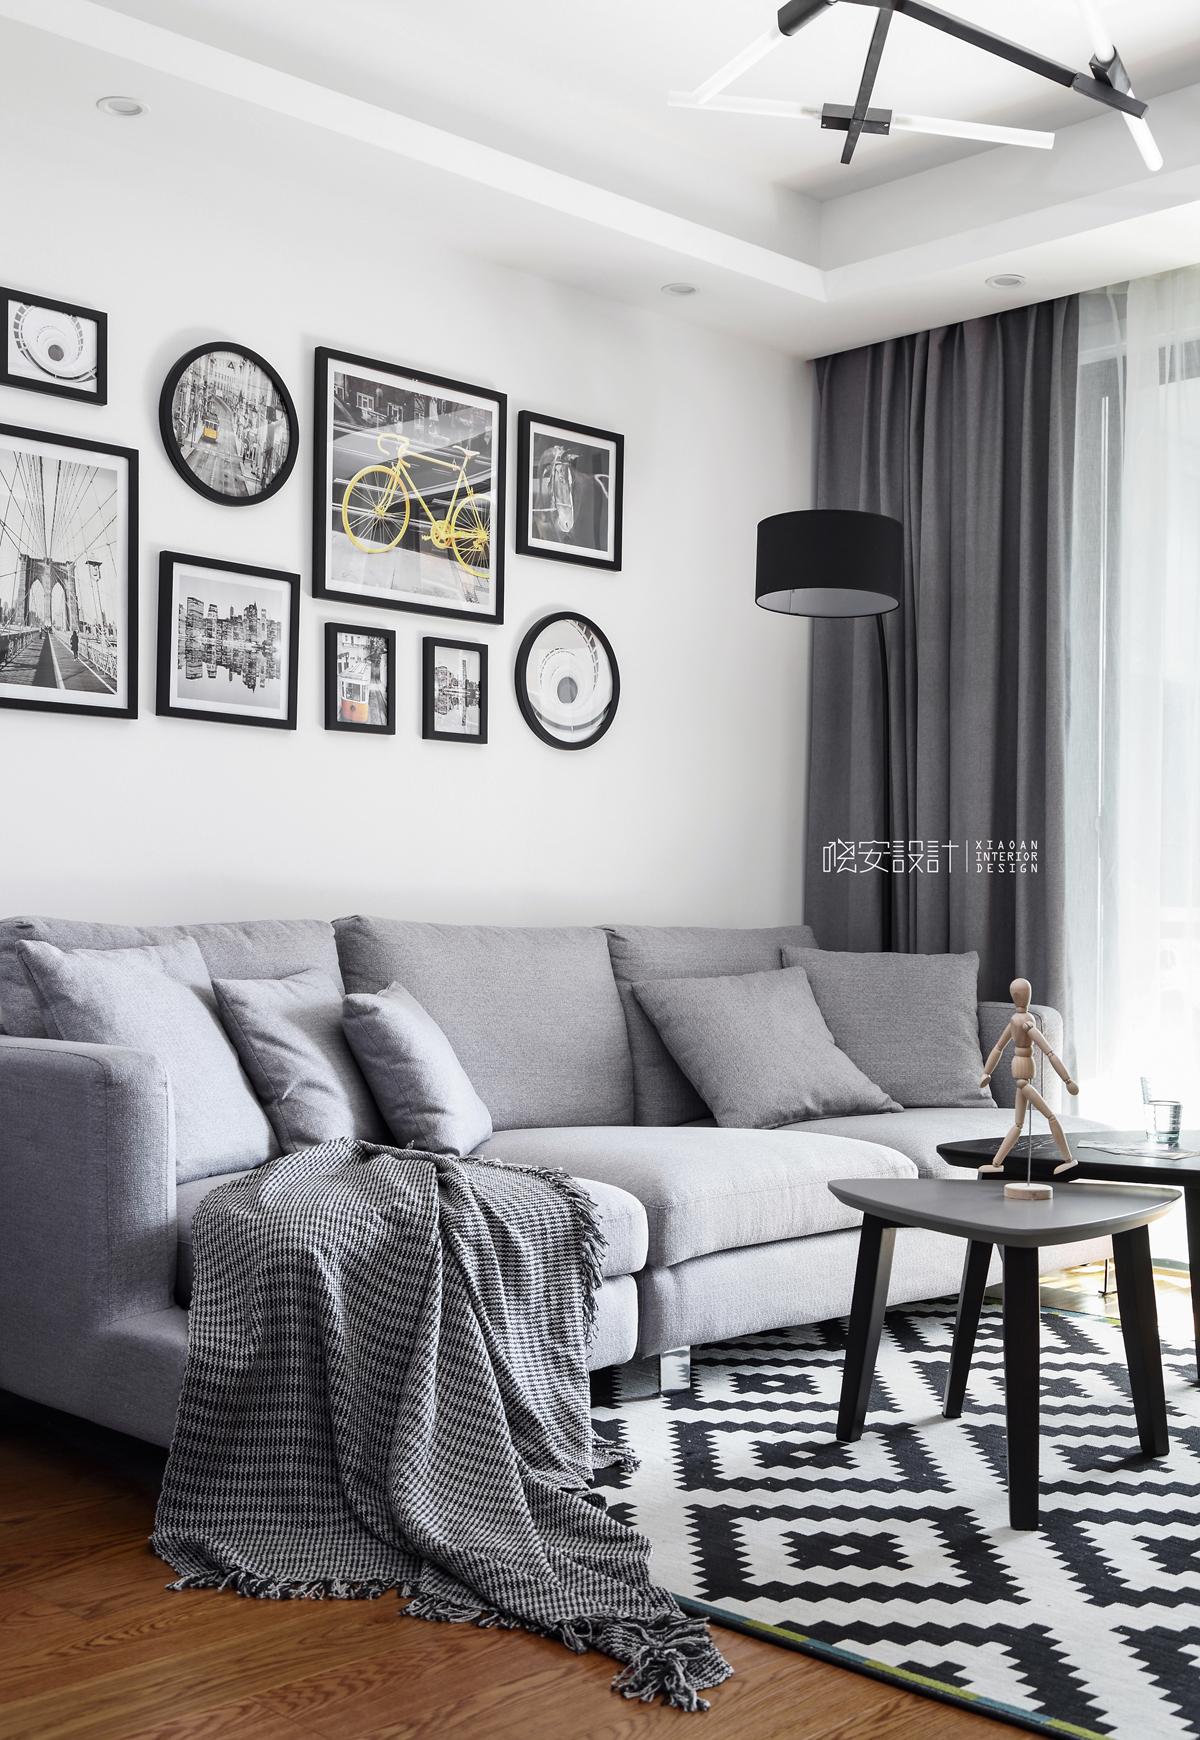 二居 白领 收纳 小资 客厅图片来自周晓安在晓安设计   灰度空间   北欧的分享